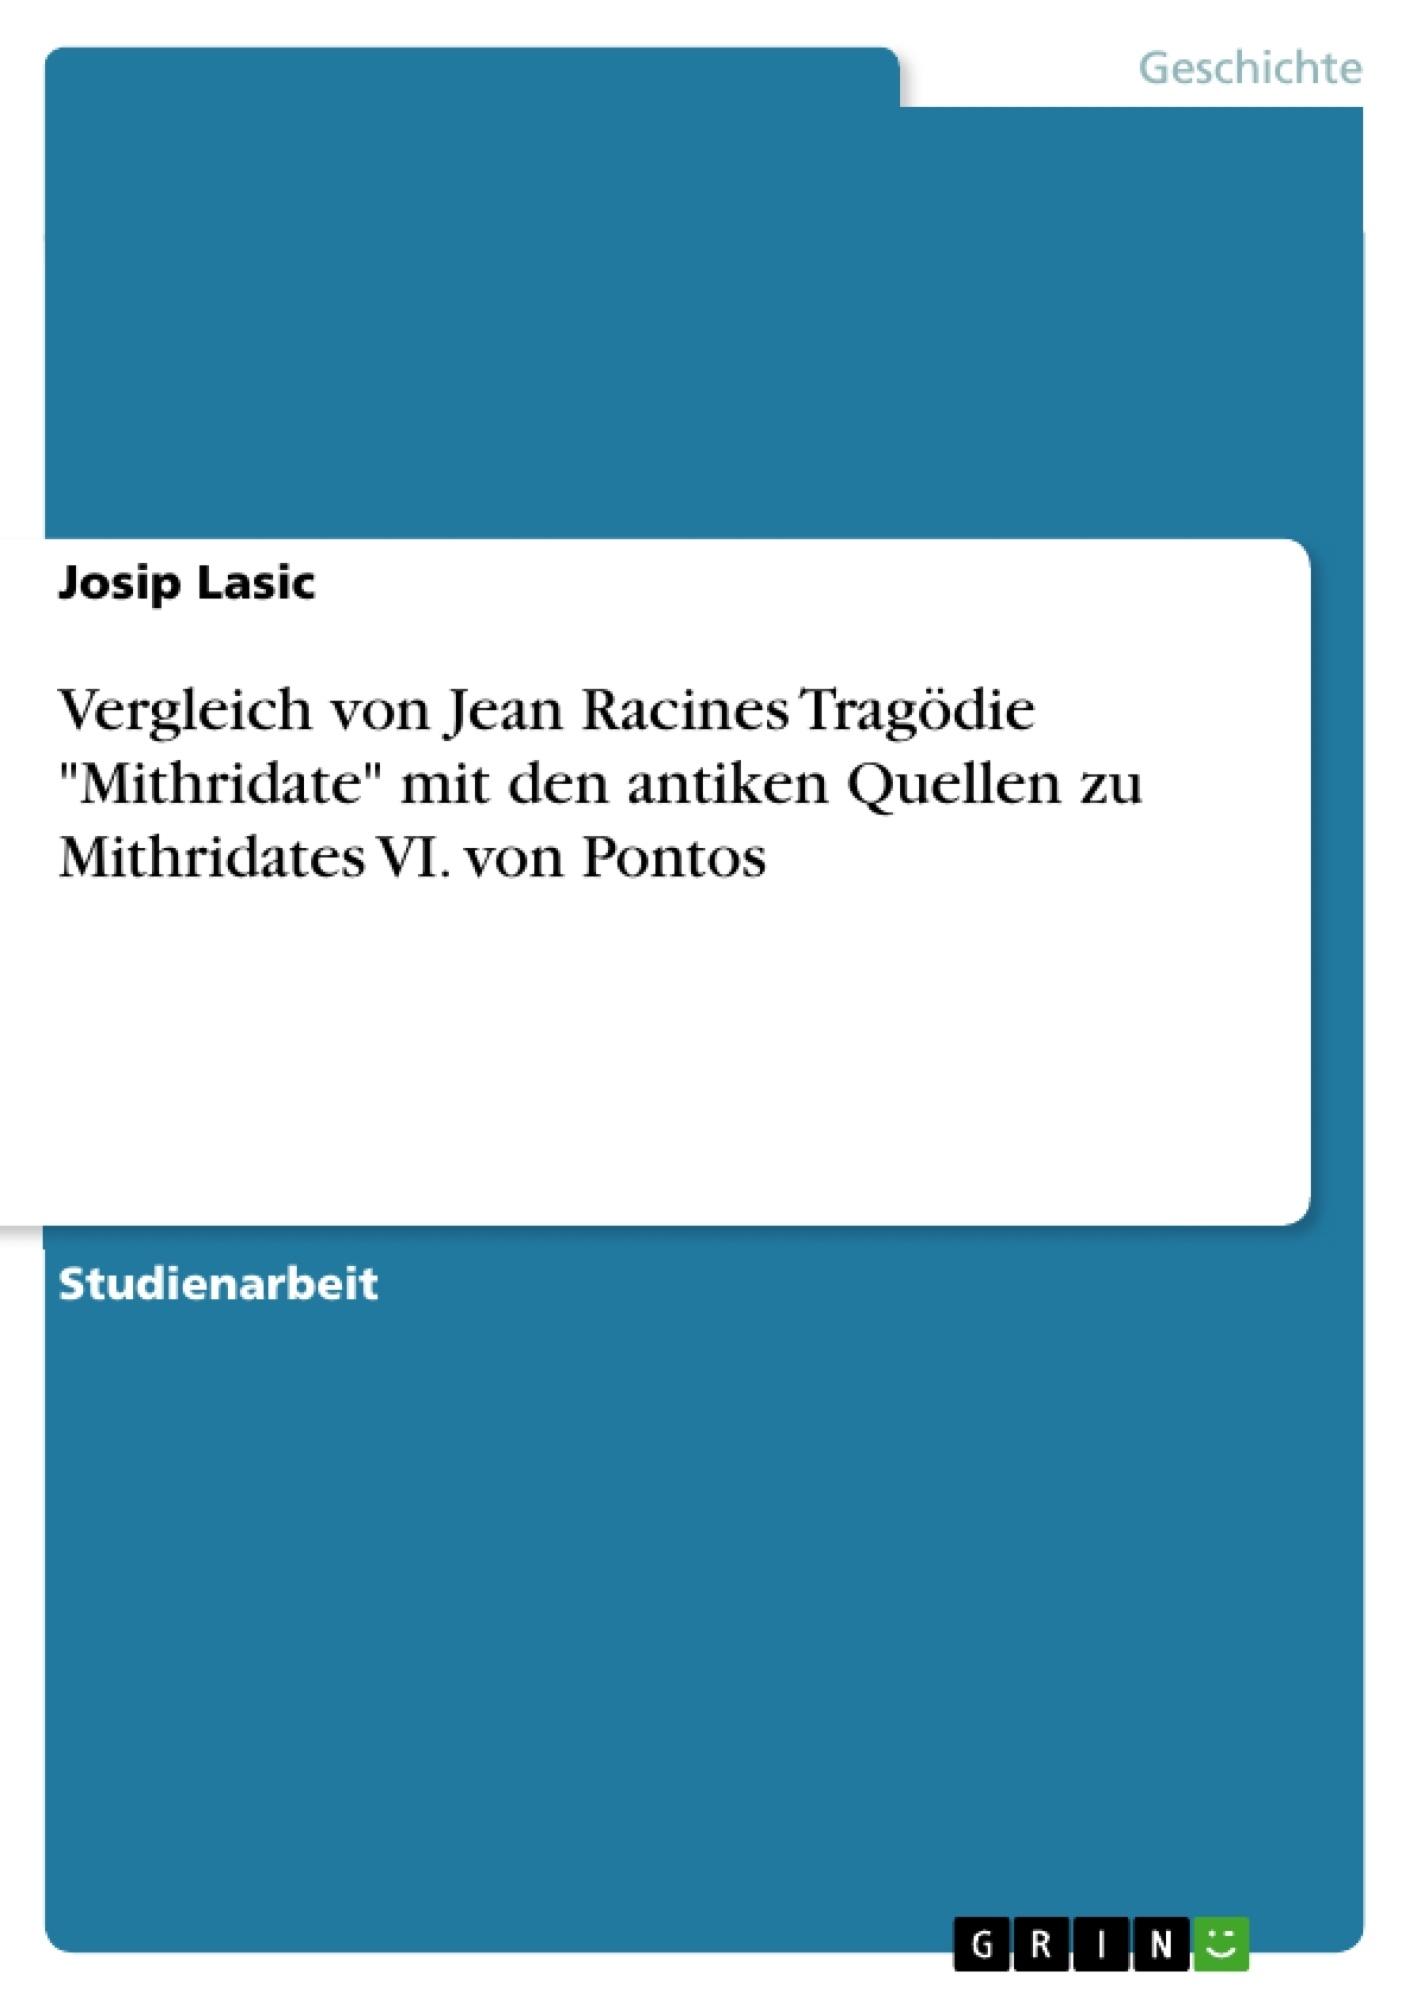 """Titel: Vergleich von Jean Racines Tragödie """"Mithridate"""" mit den antiken Quellen zu Mithridates VI. von Pontos"""